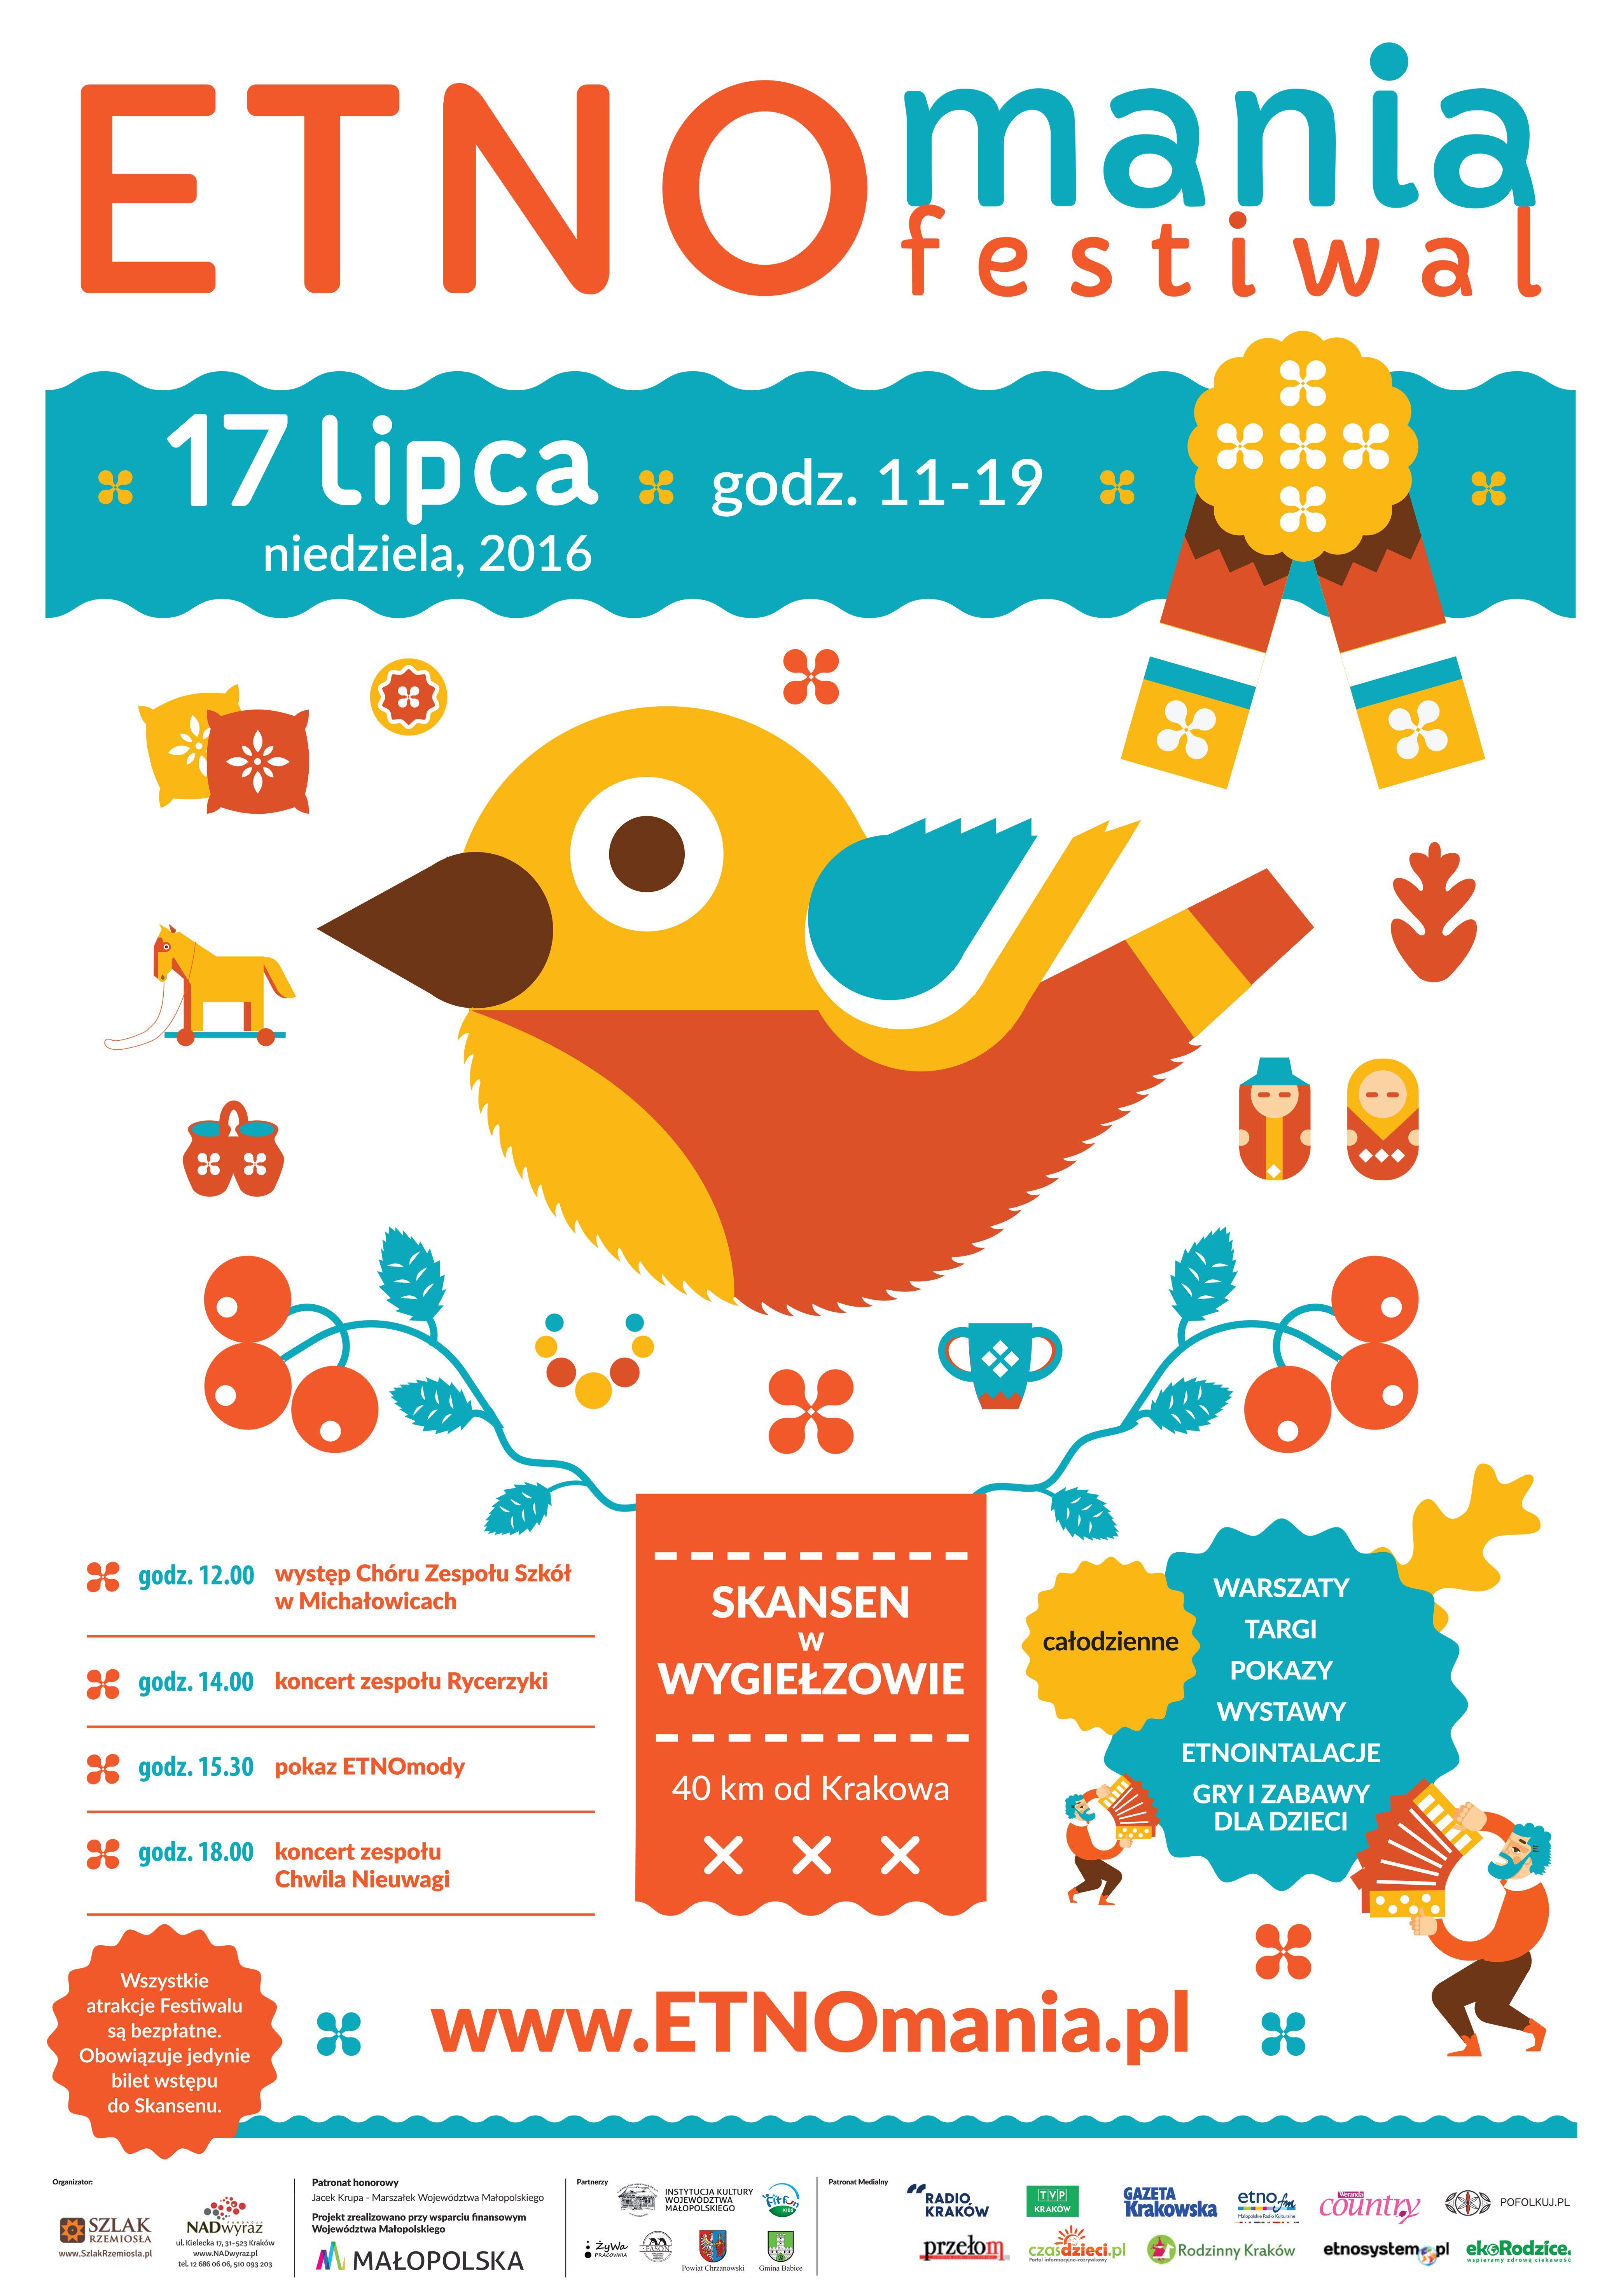 Jesteśmy na Etnomanii! Serdecznie zapraszamy 17 lipca do Wygiełzowa, podczas imprezy można wygrać ciekawe nagrody, m.in. nocleg w naszym hotelu :) Więcej na www.etnomania.pl